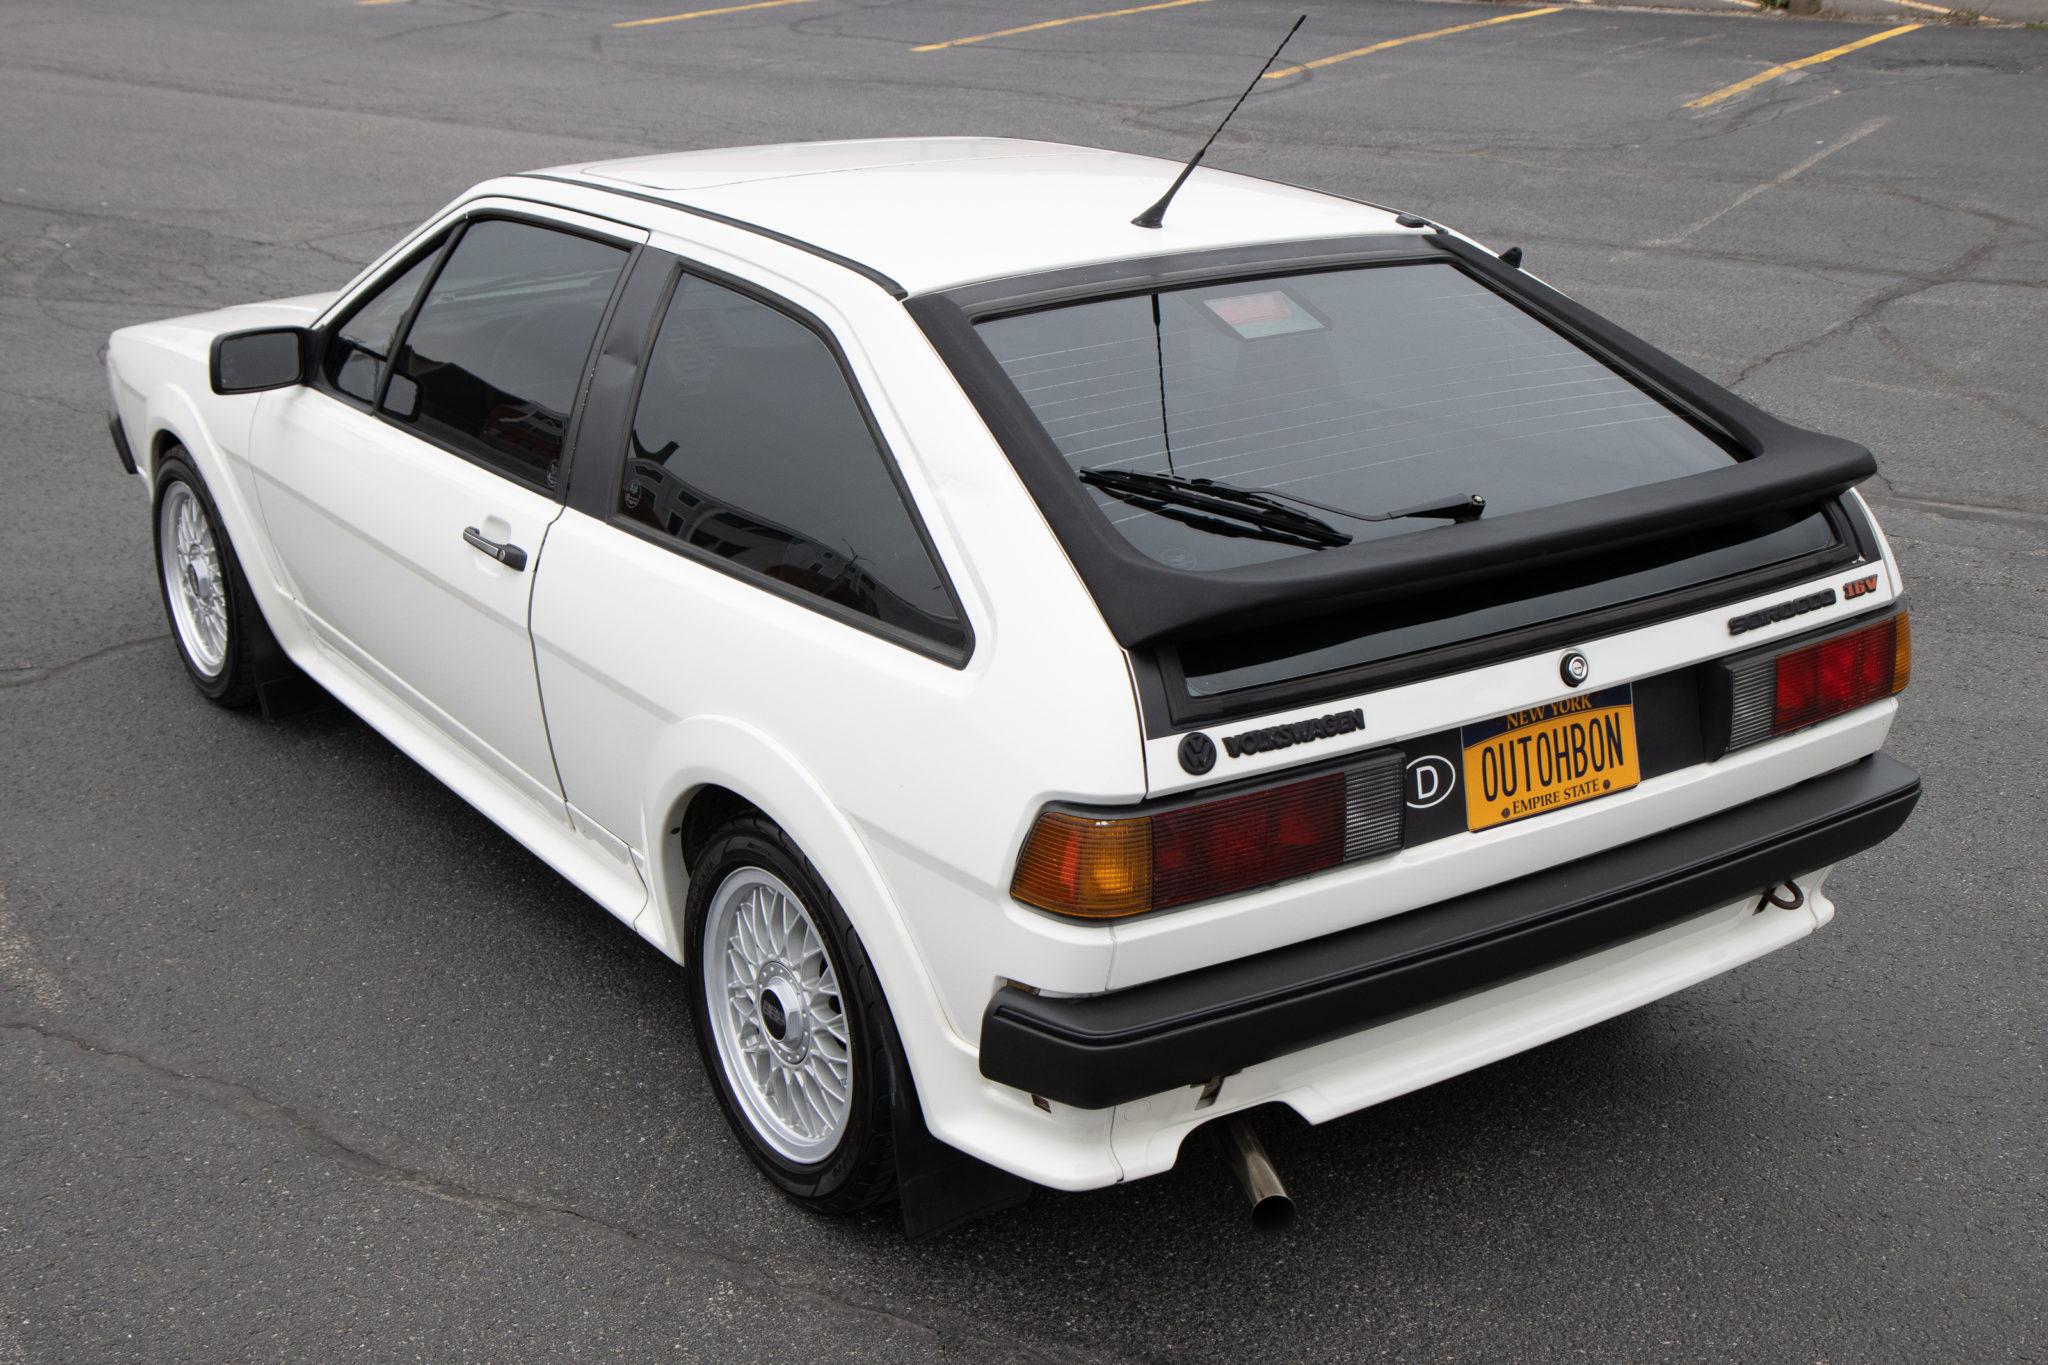 1988_volkswagen_scirocco_16v_15894862975aeb62d915Copy-of-VW-Scirocco-BaT-0003-scaled